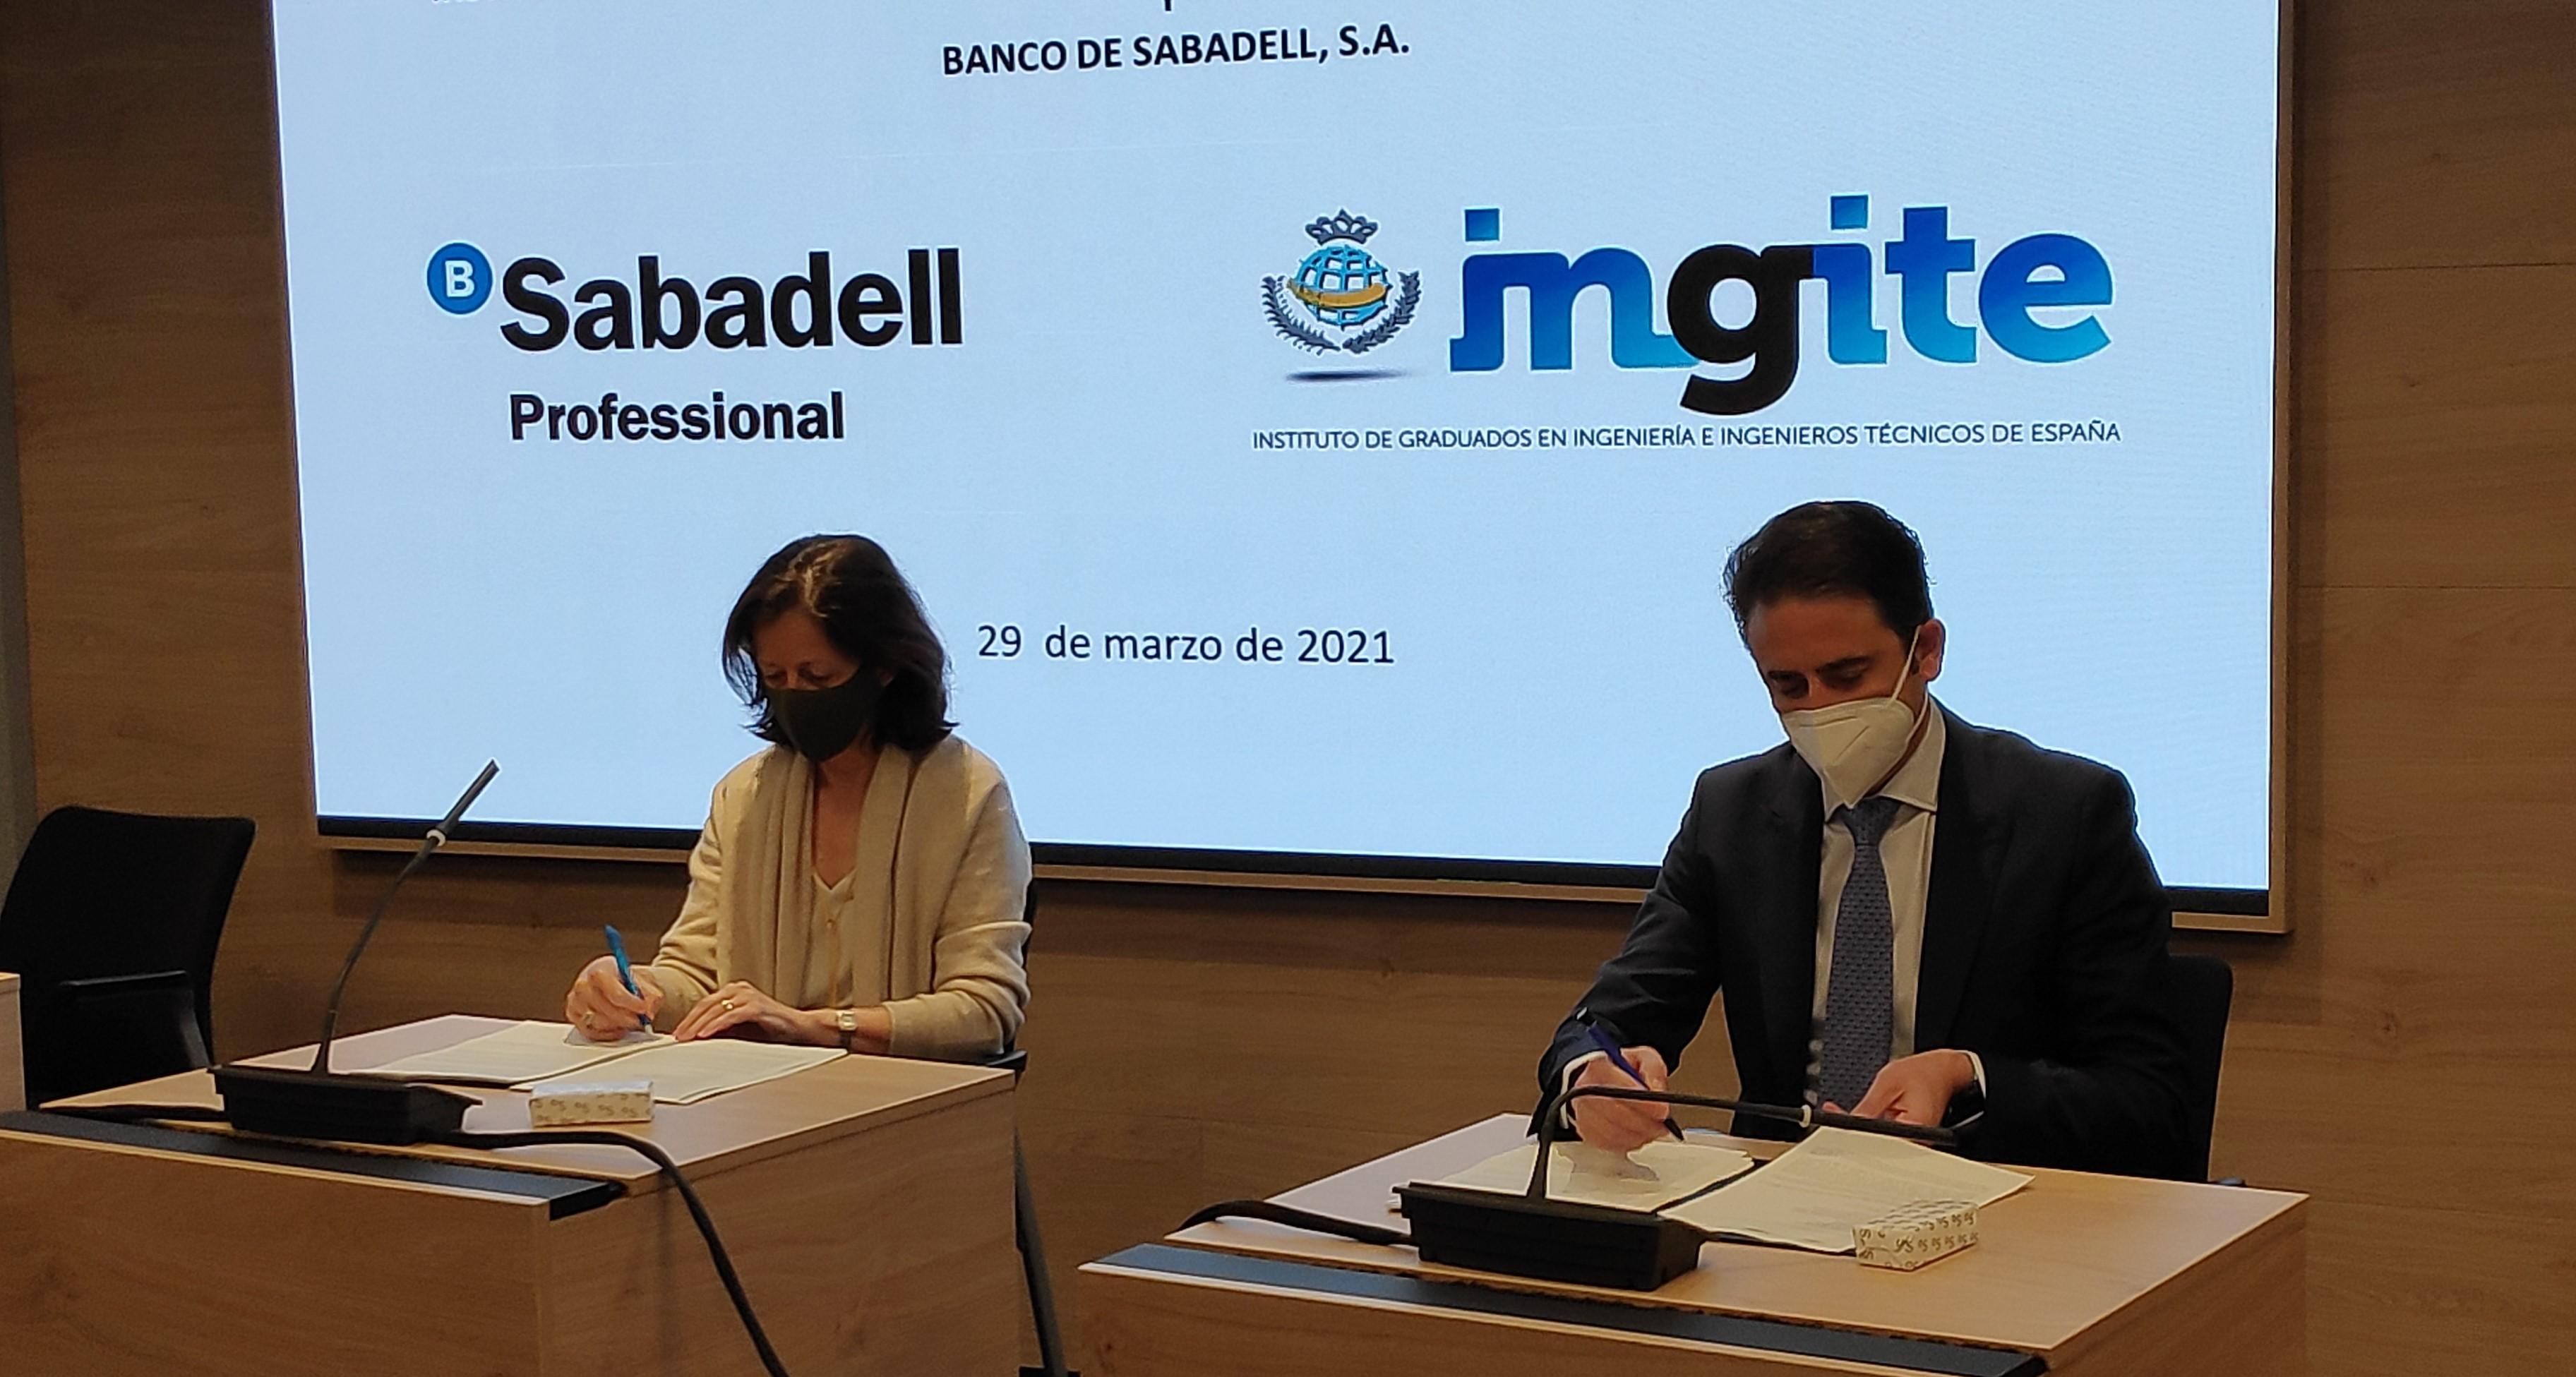 Convenio entre INGITE y el Banco Sabadell